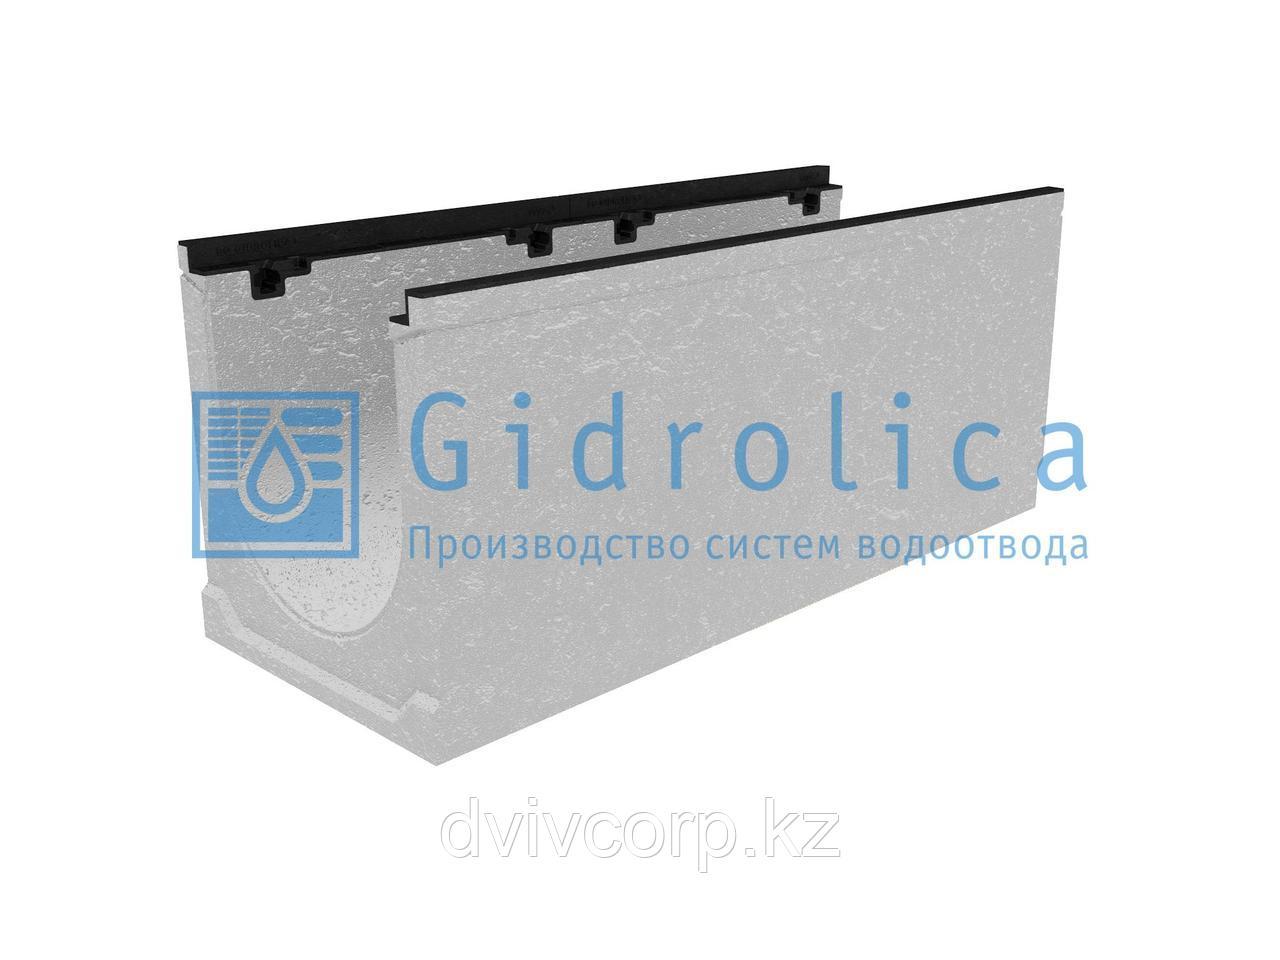 Лоток водоотводный бетонный коробчатый (СО-300мм), с чугунной насадкой КU 100.39,9 (30).42(35) - BGZ-S, № 5-0